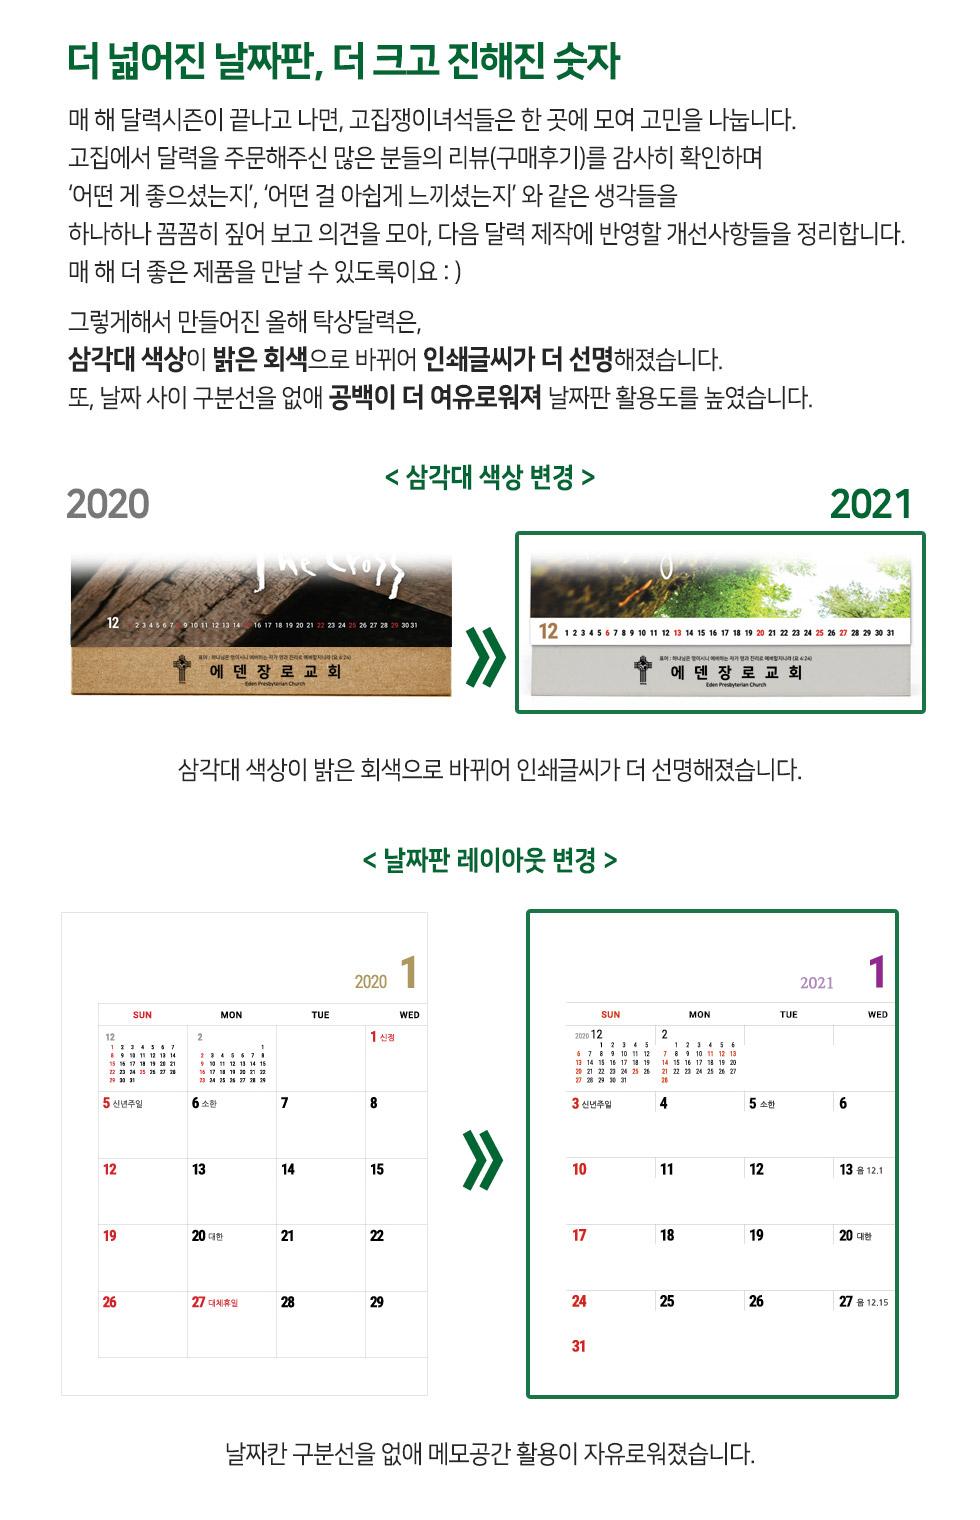 2021년 탁상달력 공통 - 개선된 달력